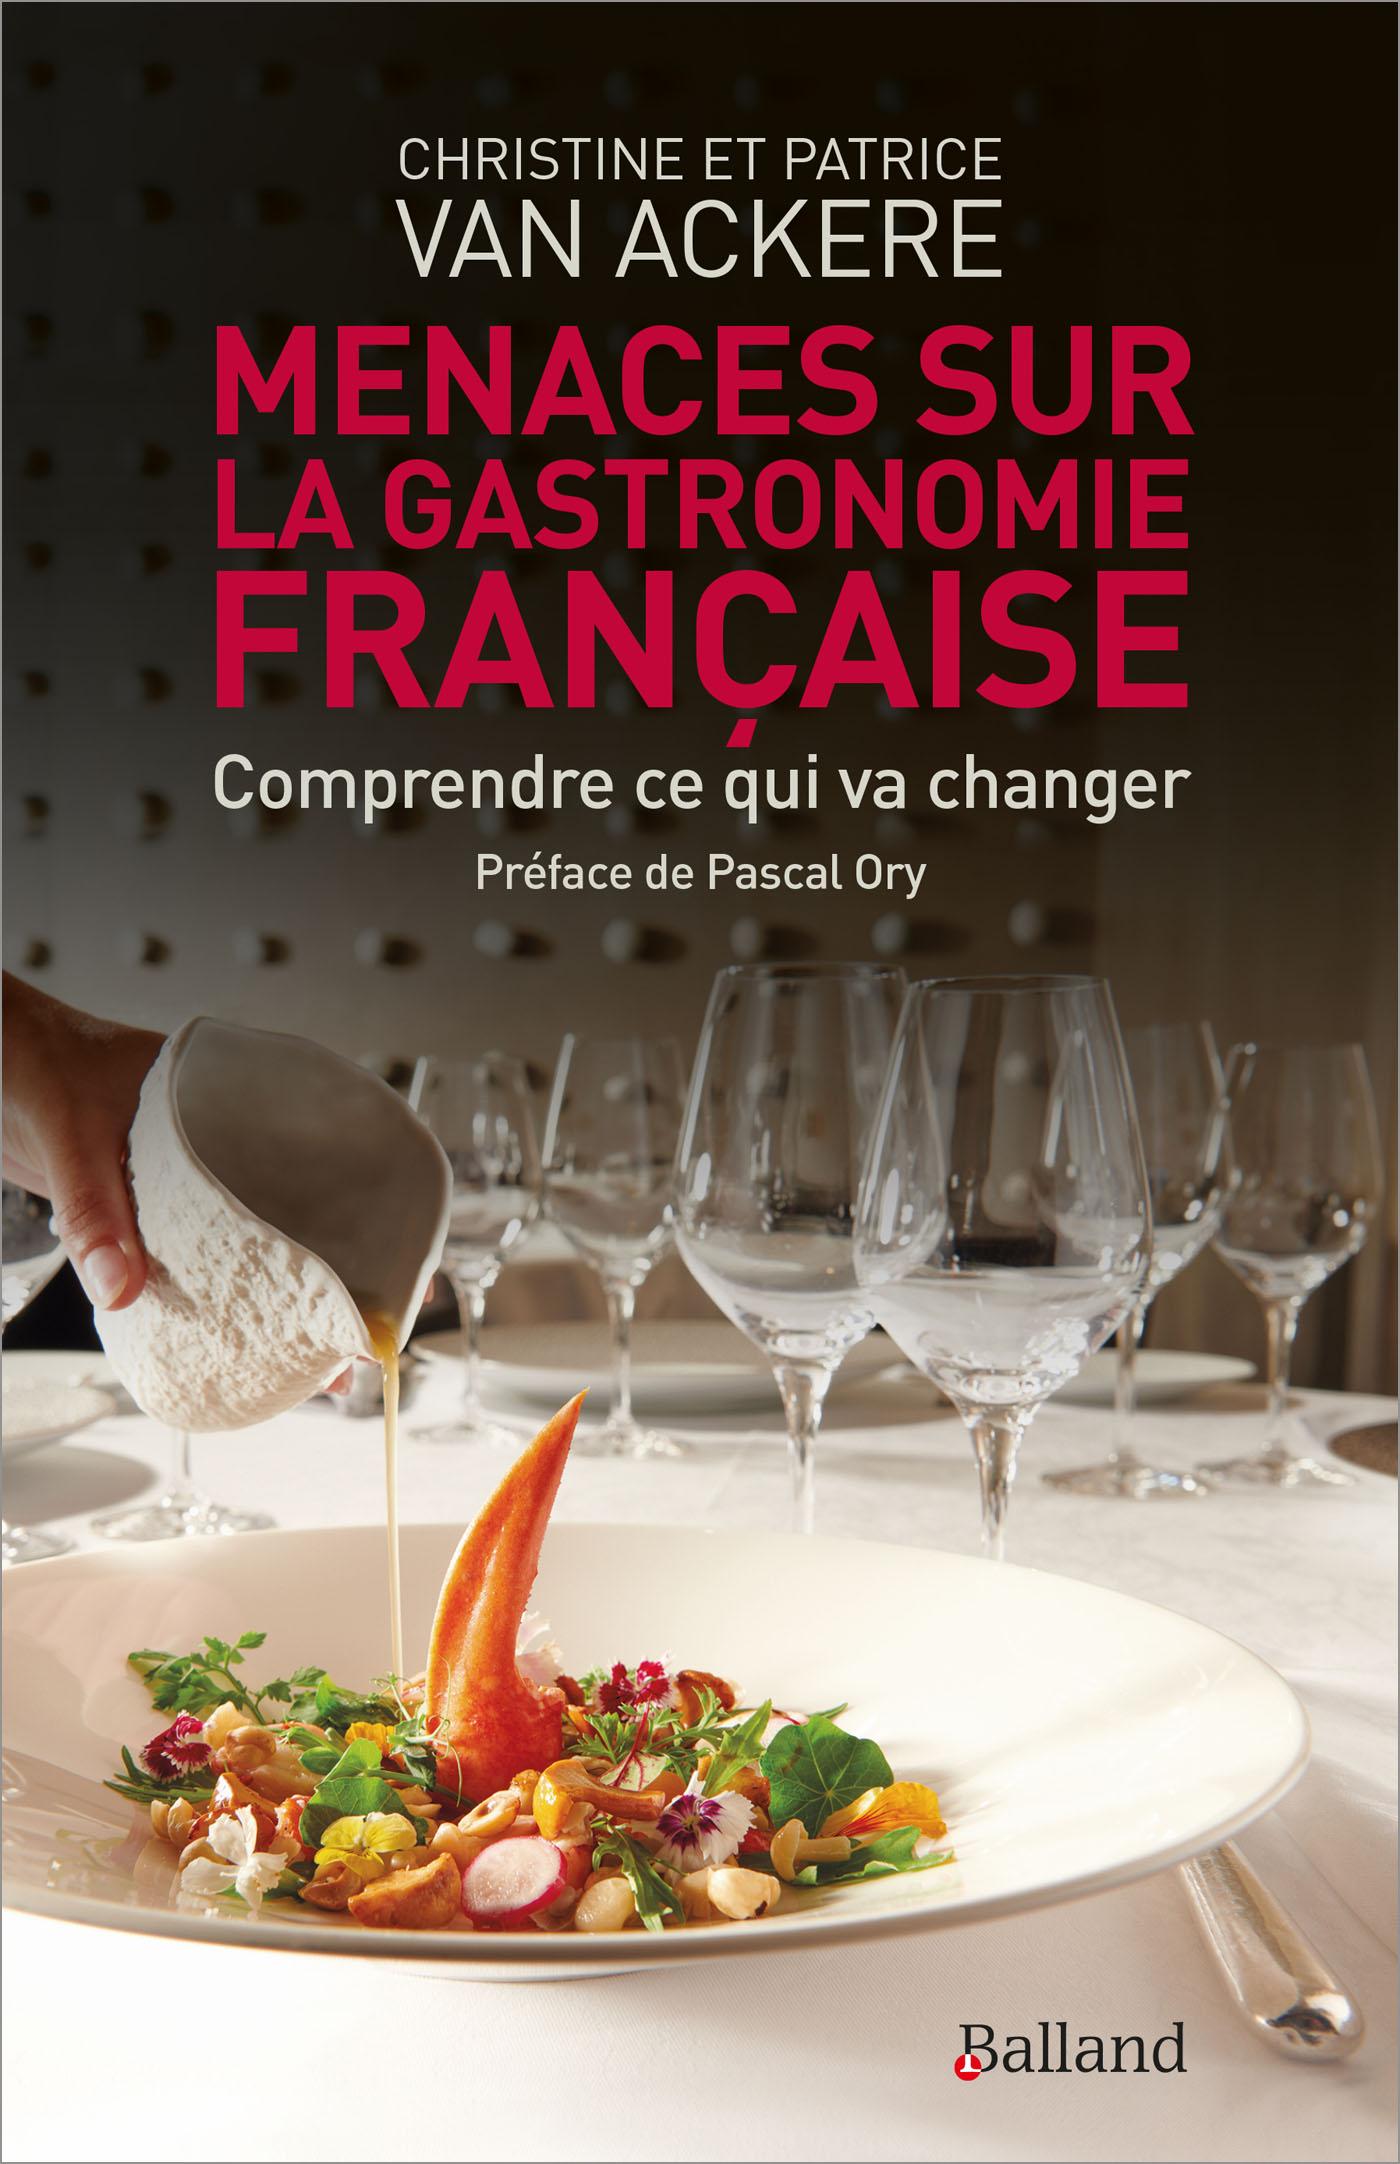 Menaces sur la gastronomie française